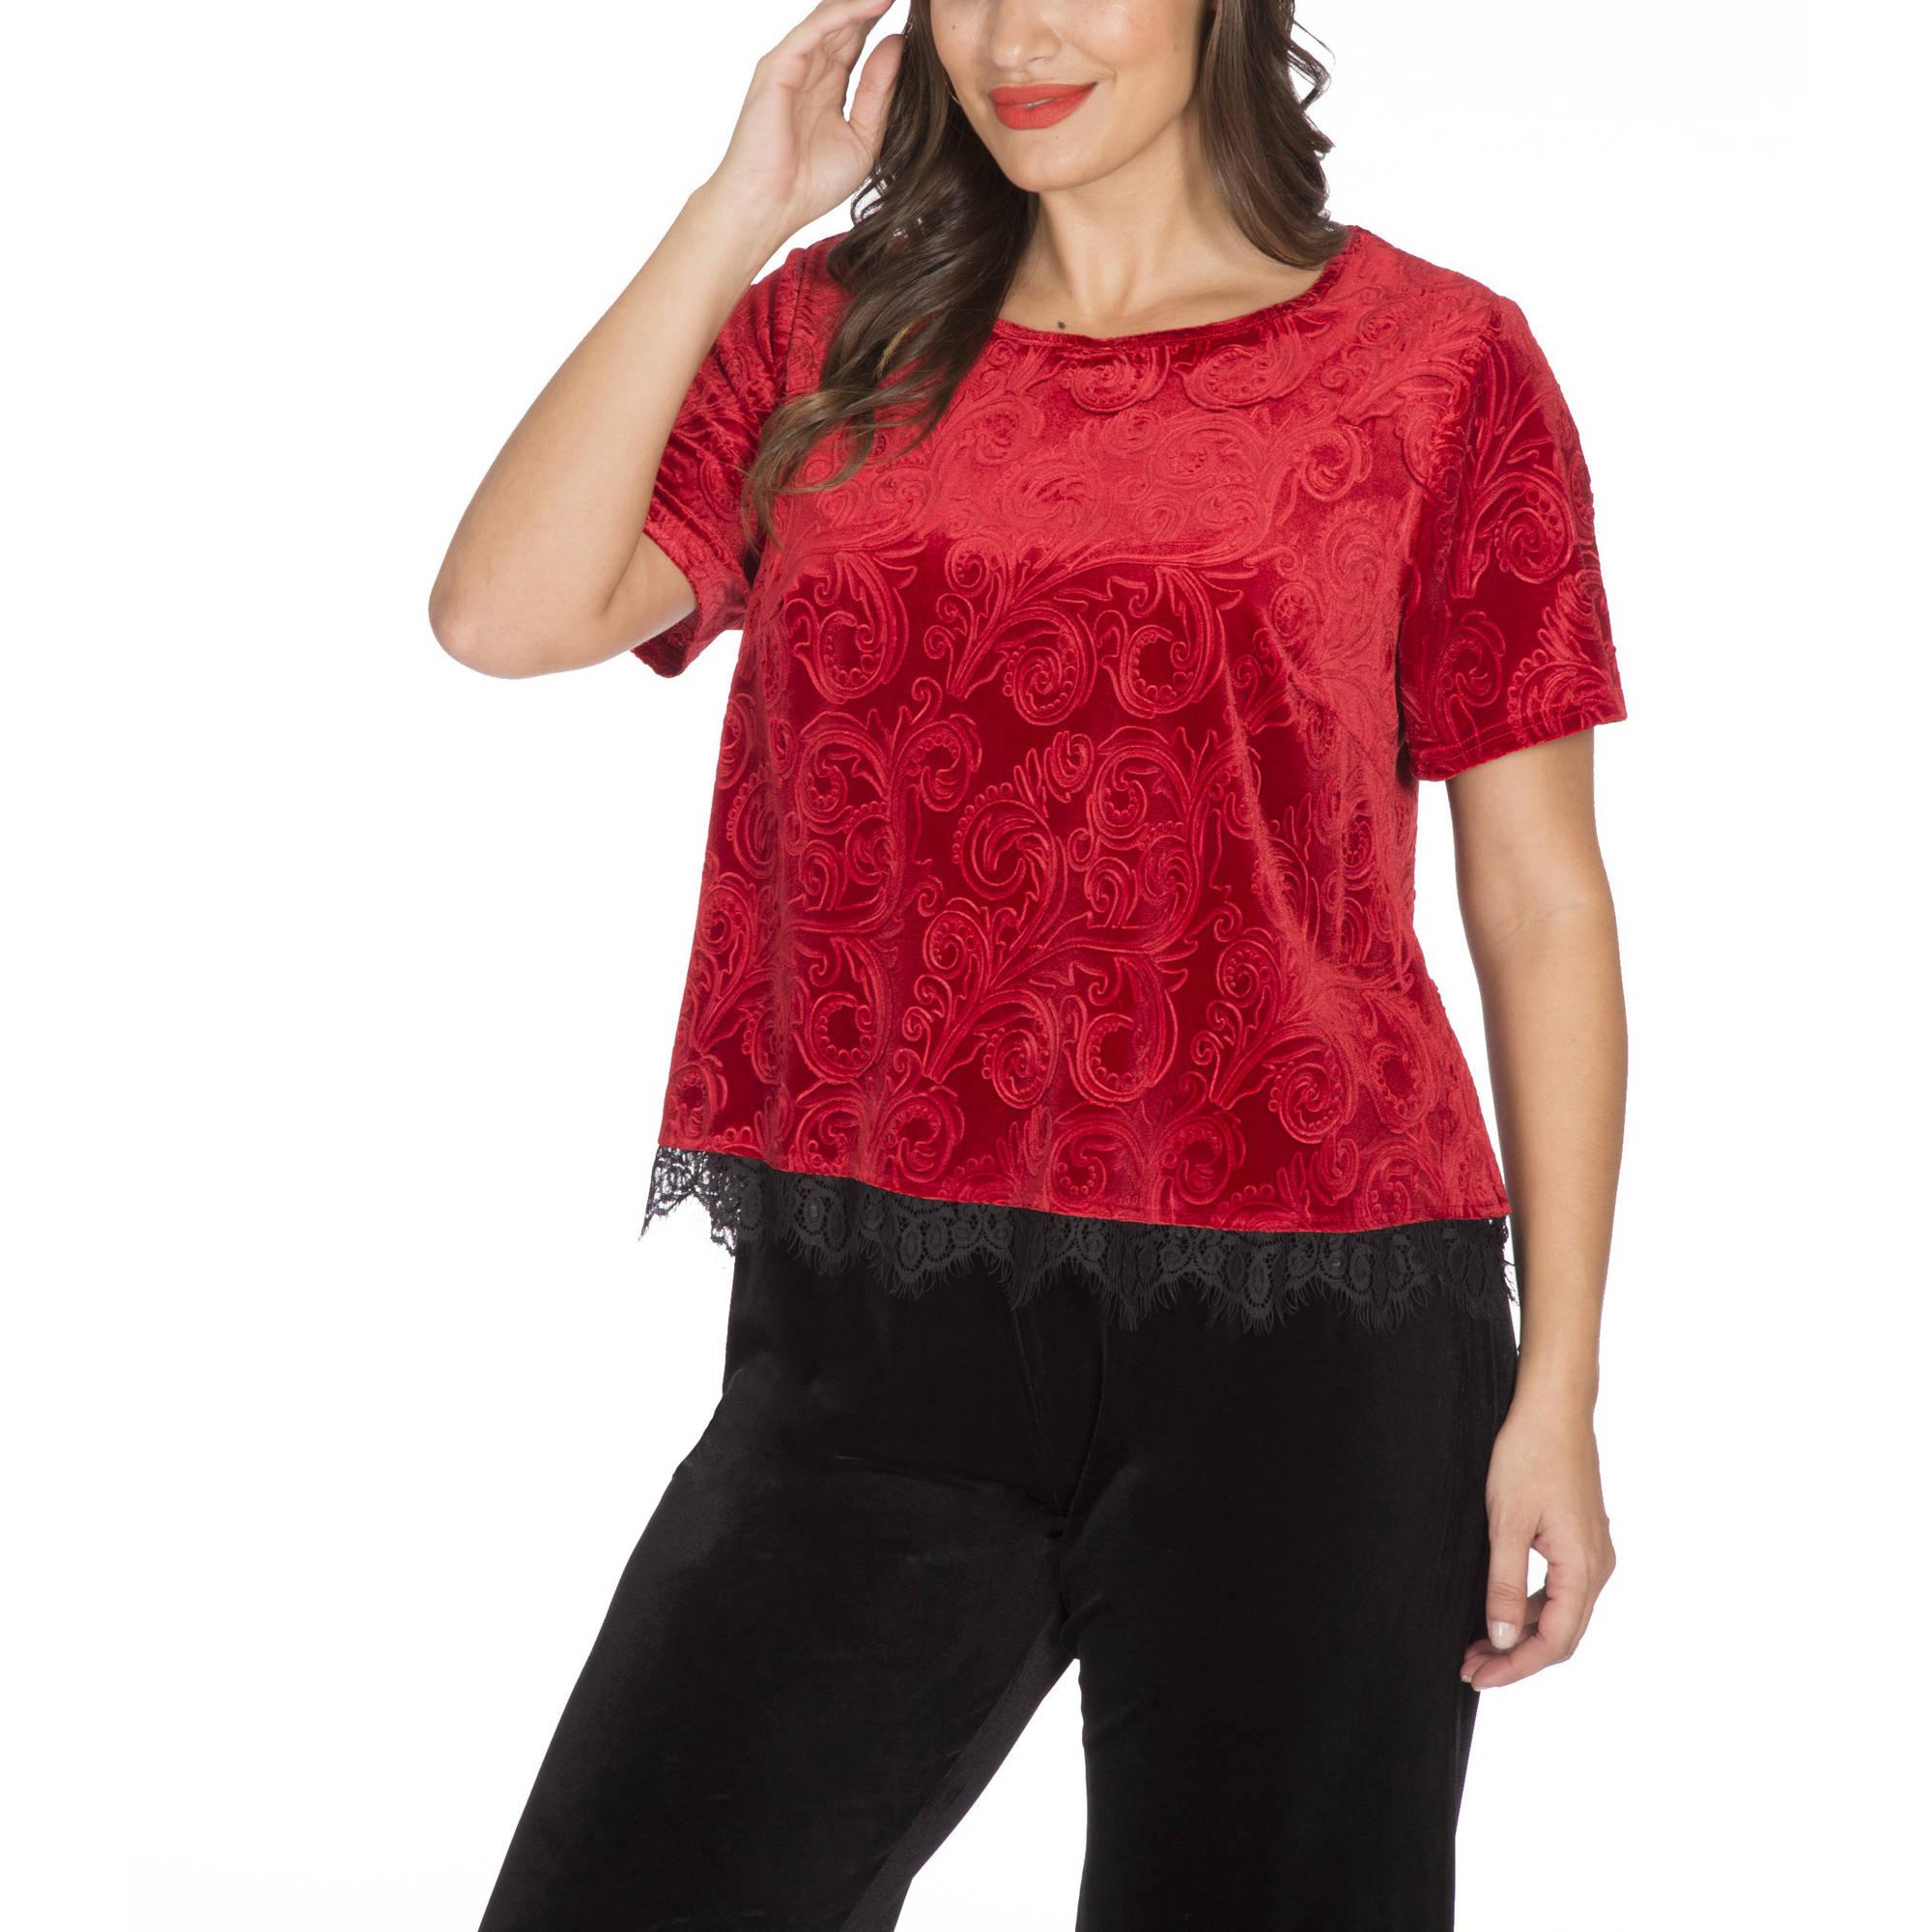 Plus Moda Women's Plus Burnout Short Sleeve Top